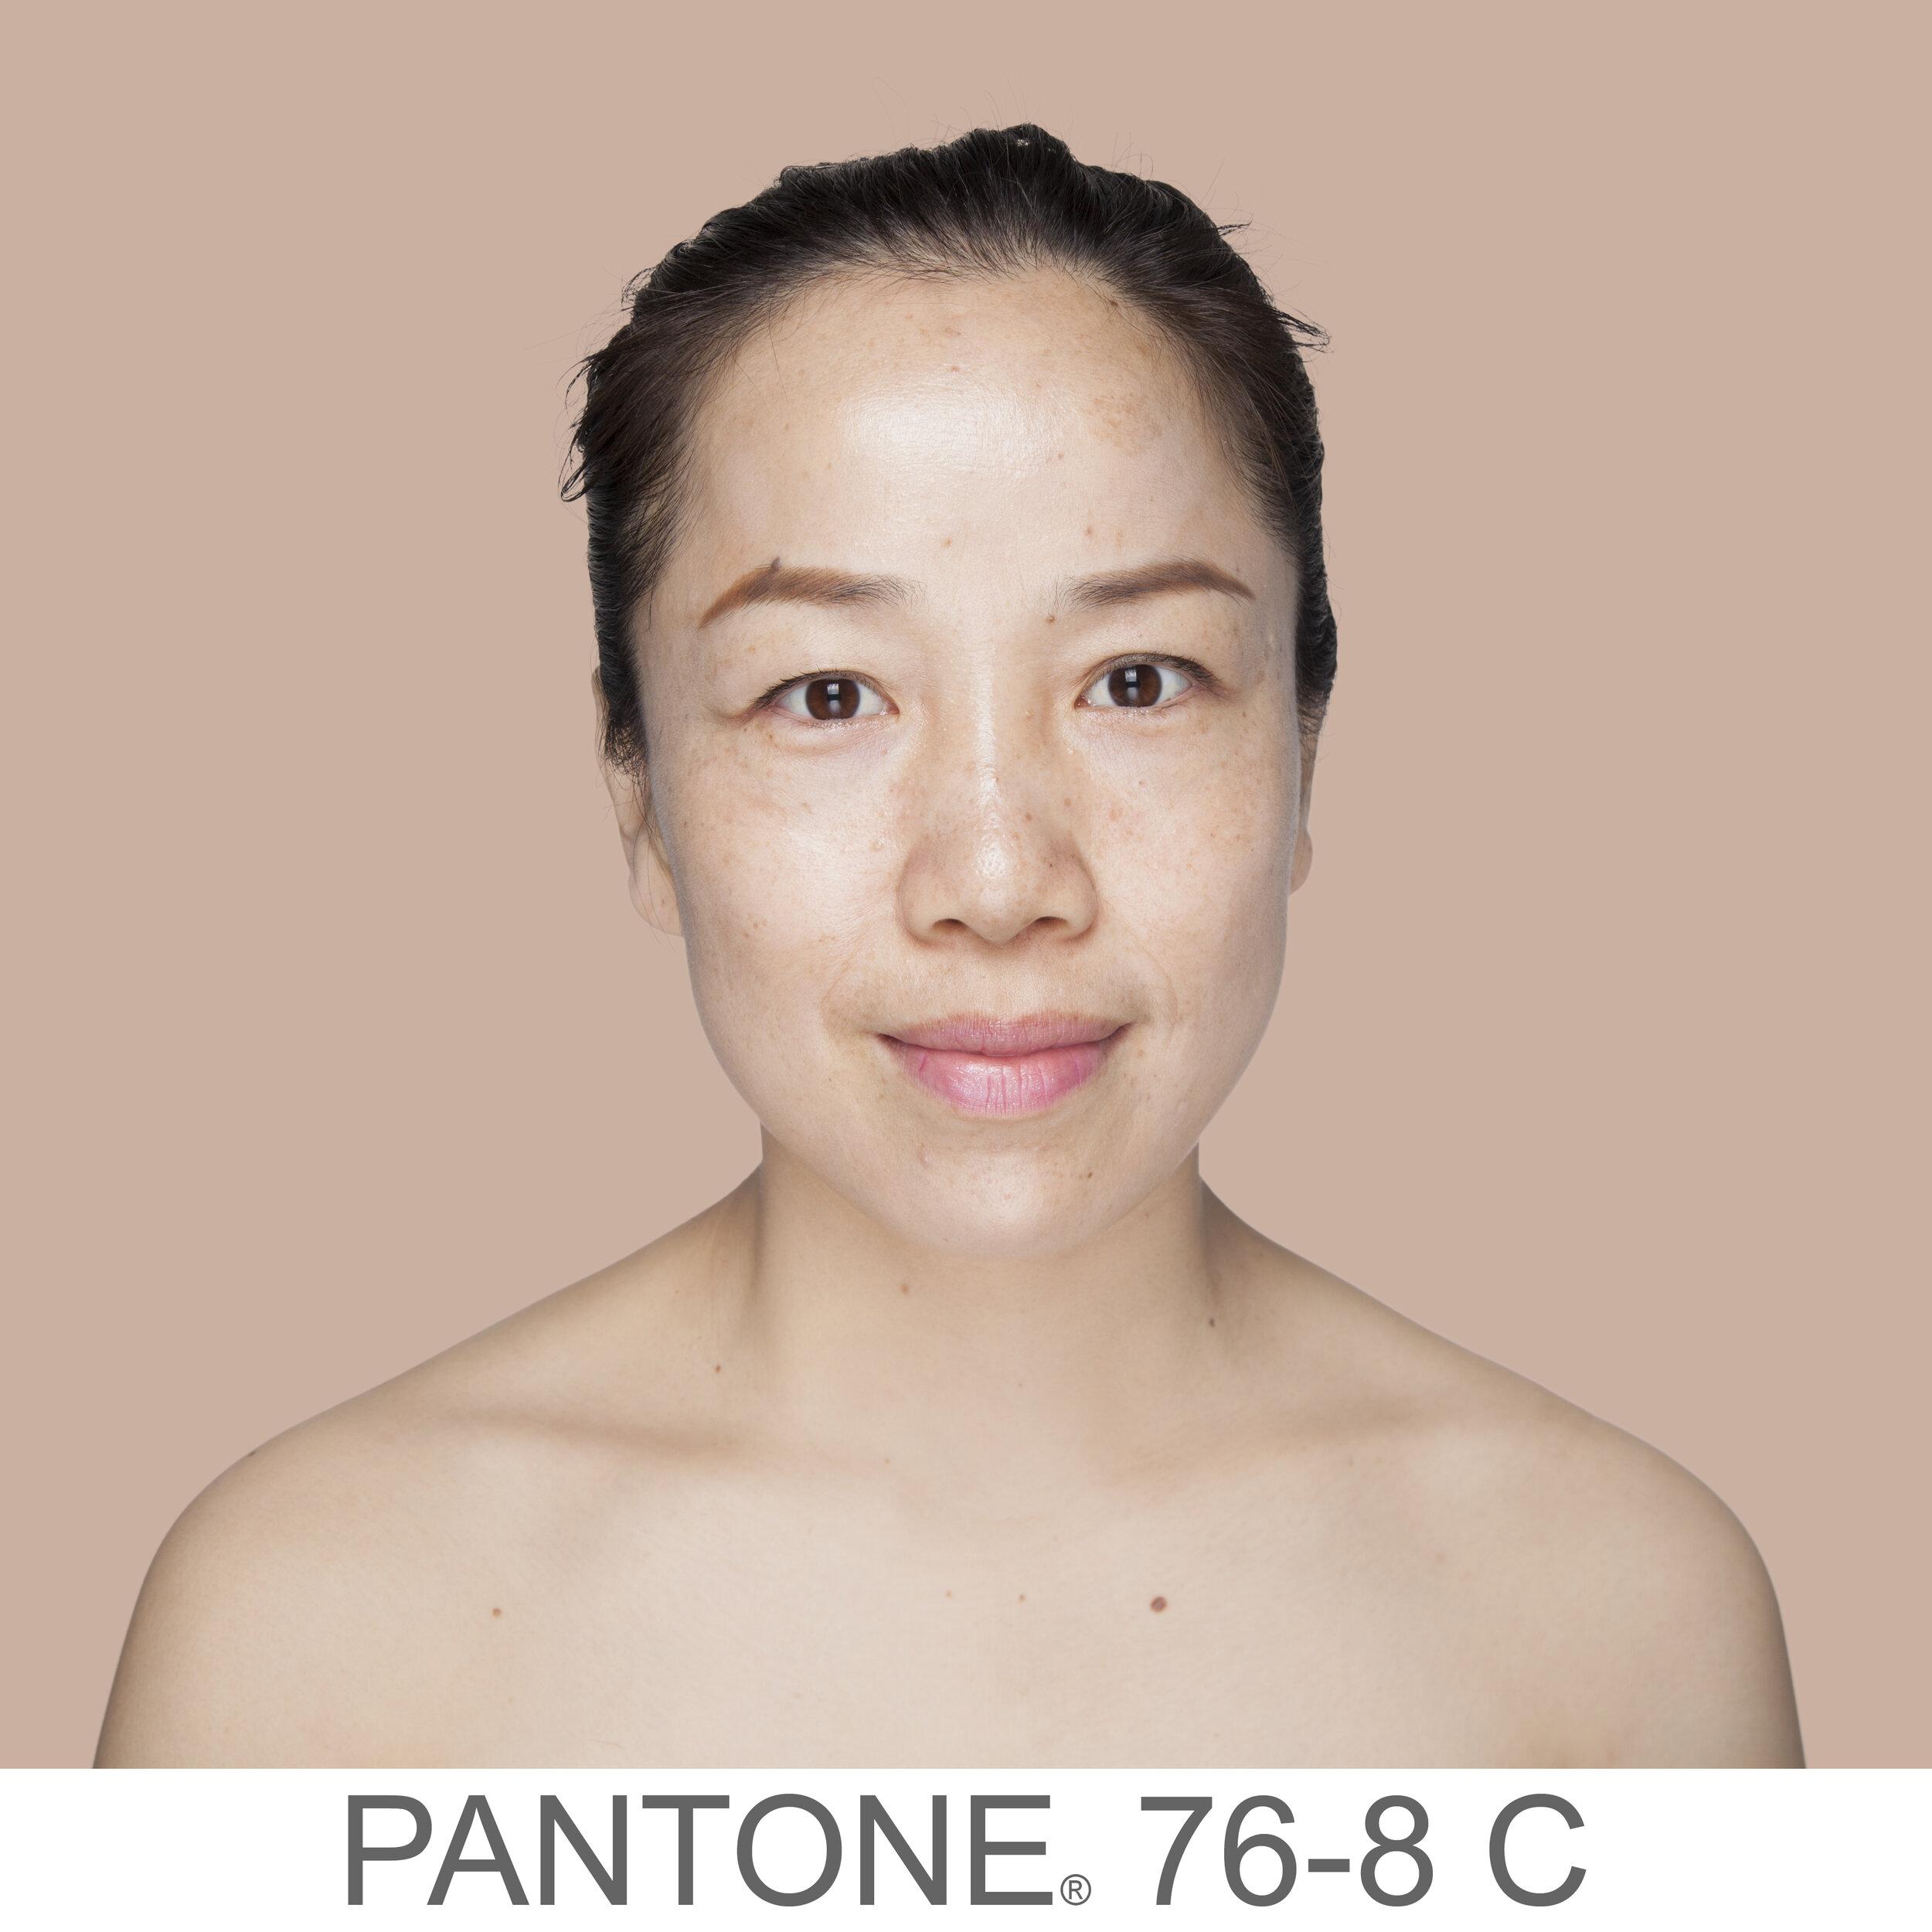 humanae 76-8 C CN copia.jpg